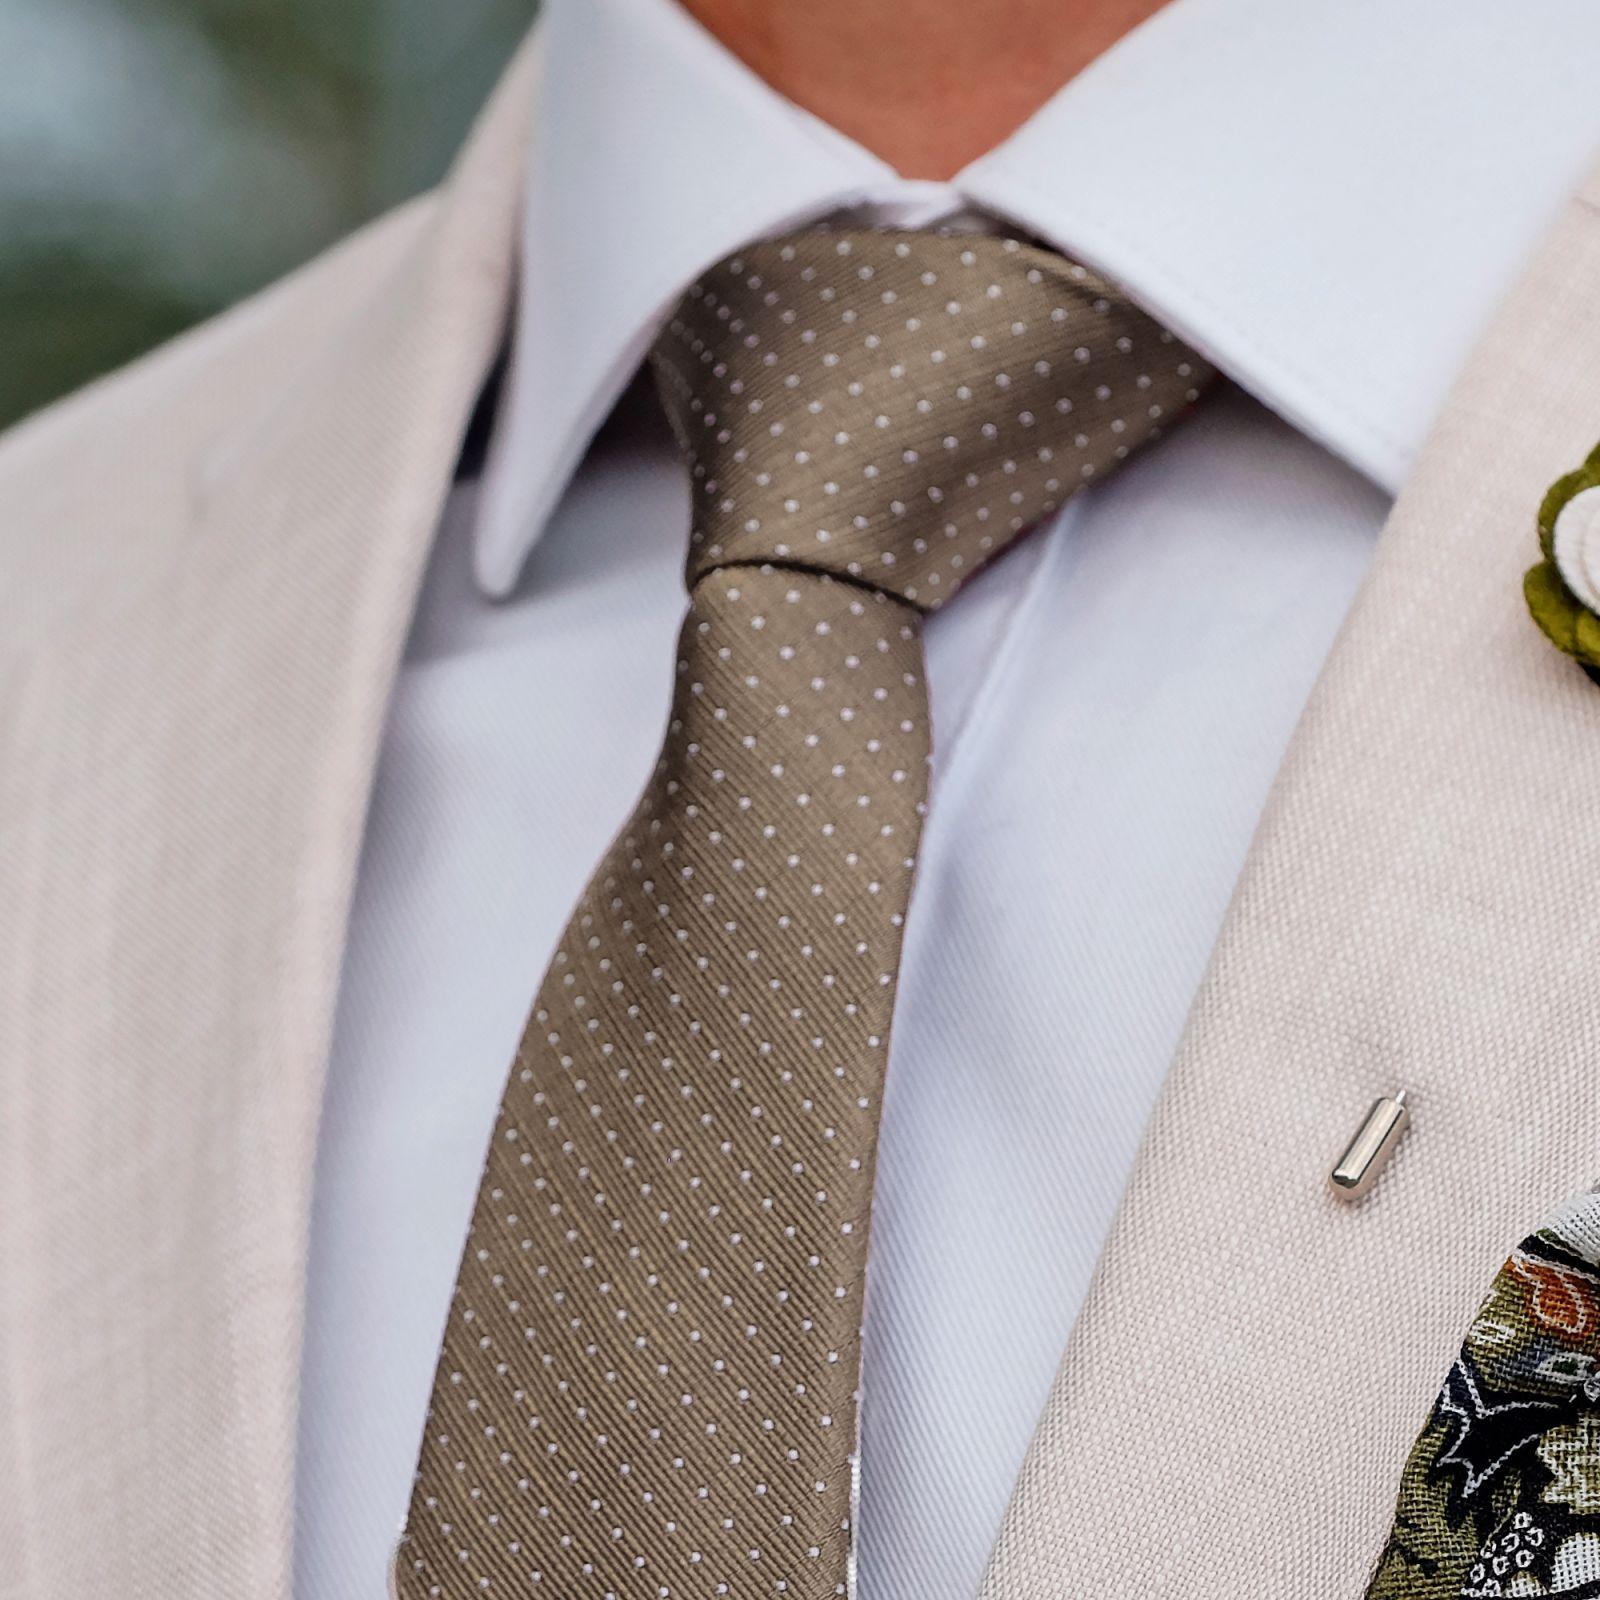 Green Polka Dots Necktie Lapel Pin Trendhim iHUT09r2A